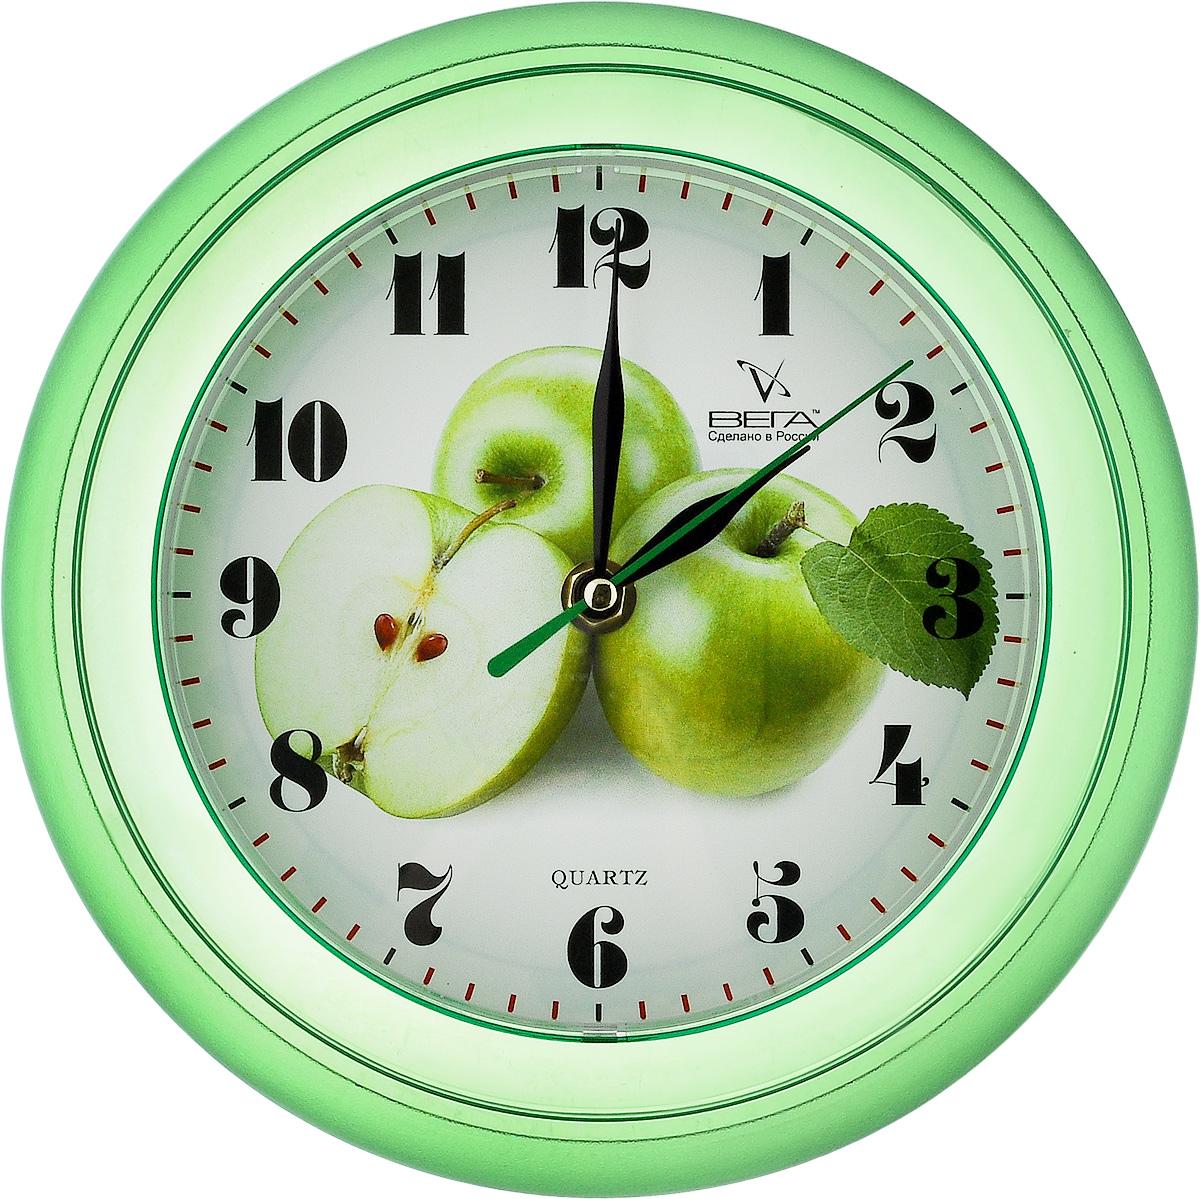 Часы настенные Вега Яблоки, диаметр 22,5 смП6-3-6Настенные кварцевые часы Вега Яблоки, изготовленные из пластика, прекрасно впишутся в интерьервашего дома. Круглые часы имеют три стрелки: часовую,минутную и секундную, циферблат защищен прозрачным стеклом.Часы работают от 1 батарейки типа АА напряжением 1,5 В (не входит в комплект).Диаметр часов: 22,5 см.